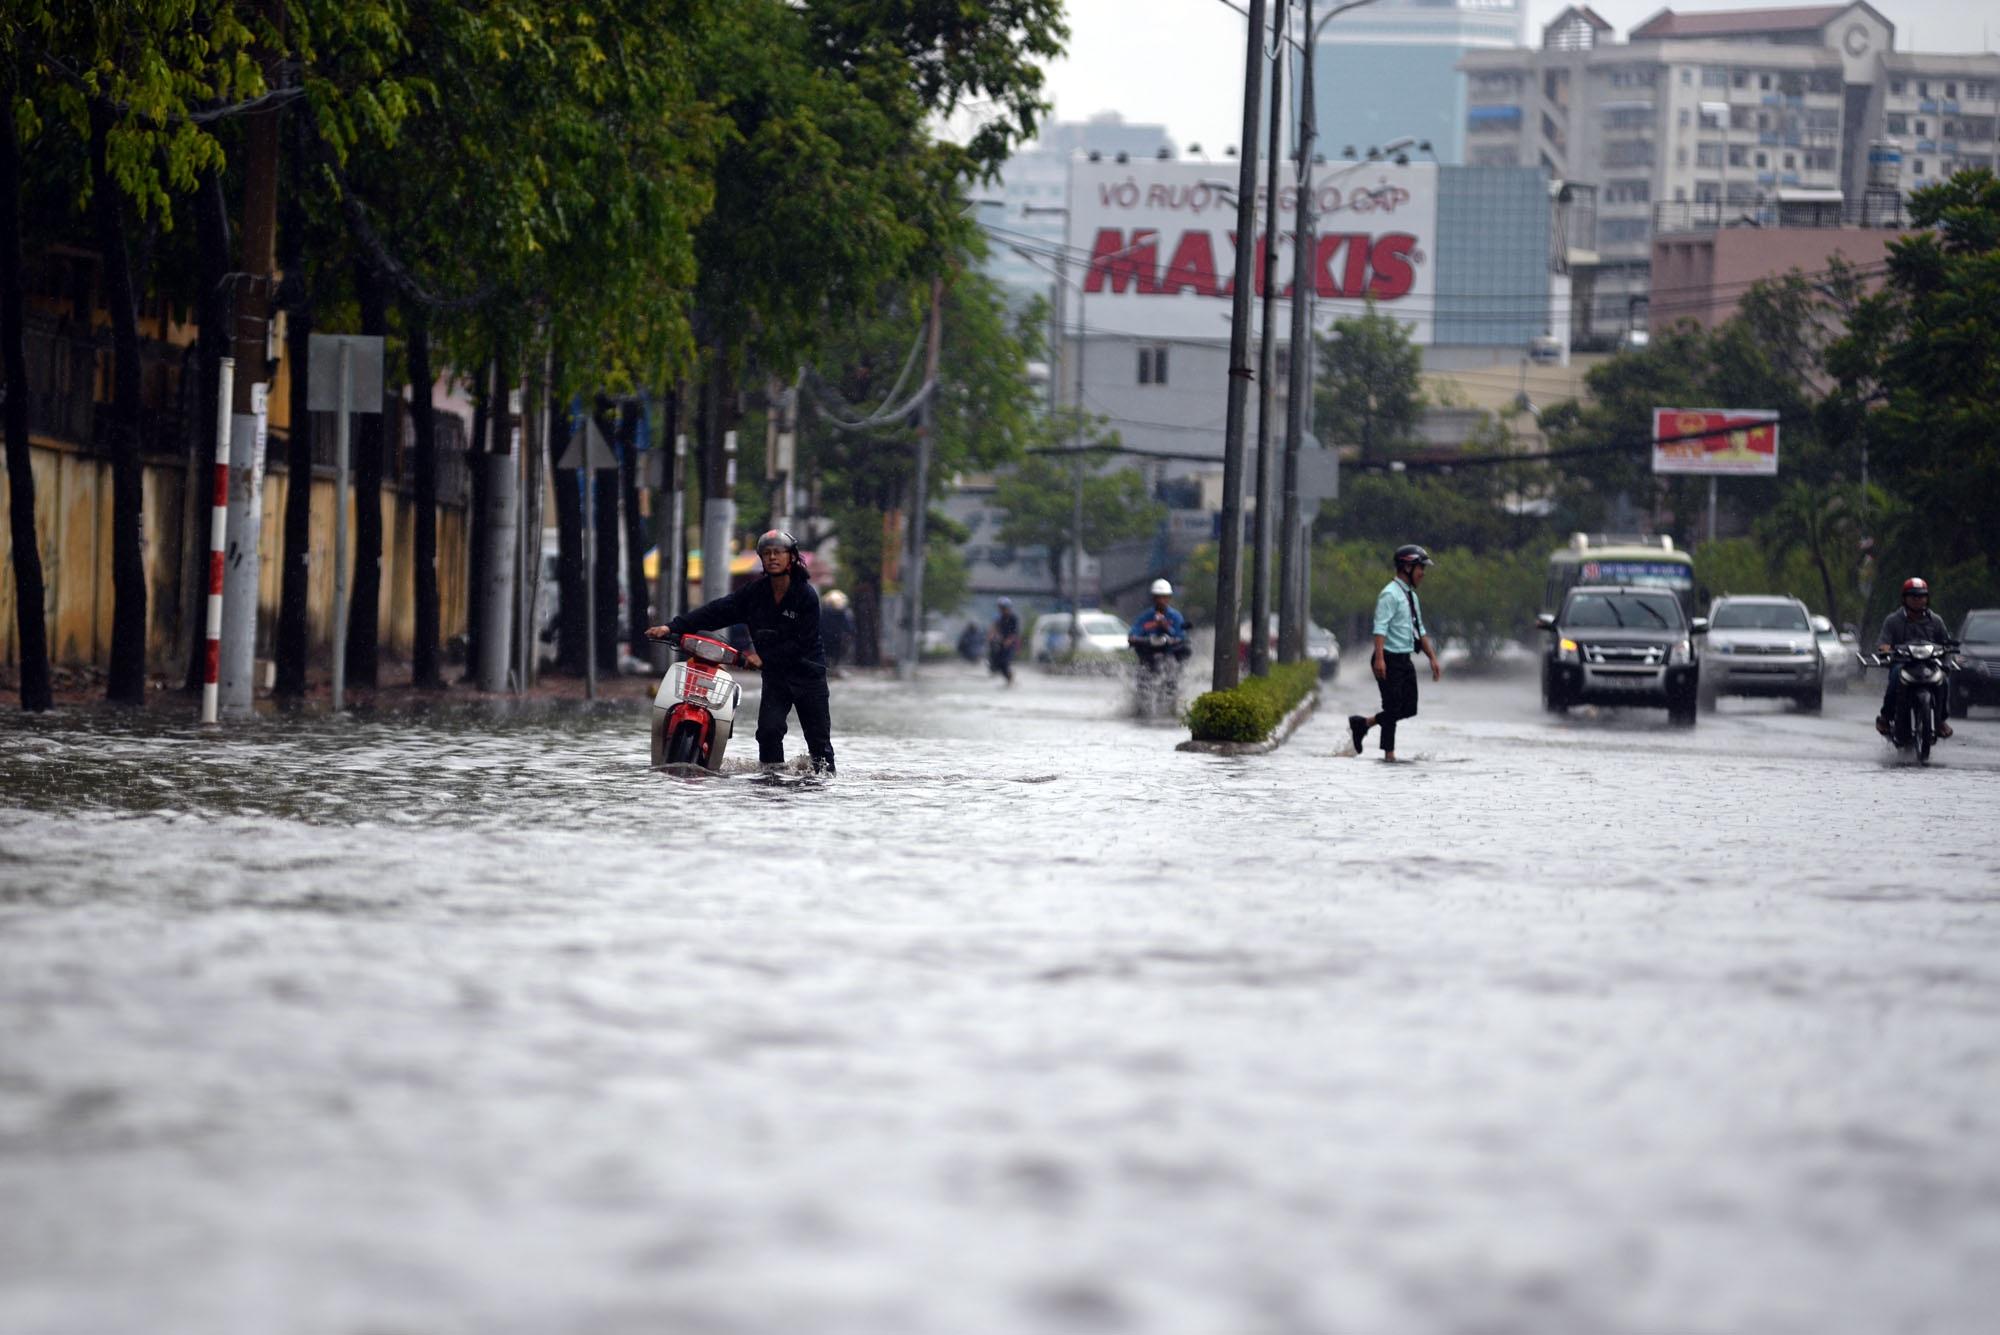 Sau cơn mưa lớn kéo dài hàng giờ, đường Nguyễn Hữu Cảnh (quận Bình Thạnh) biến thành sông.